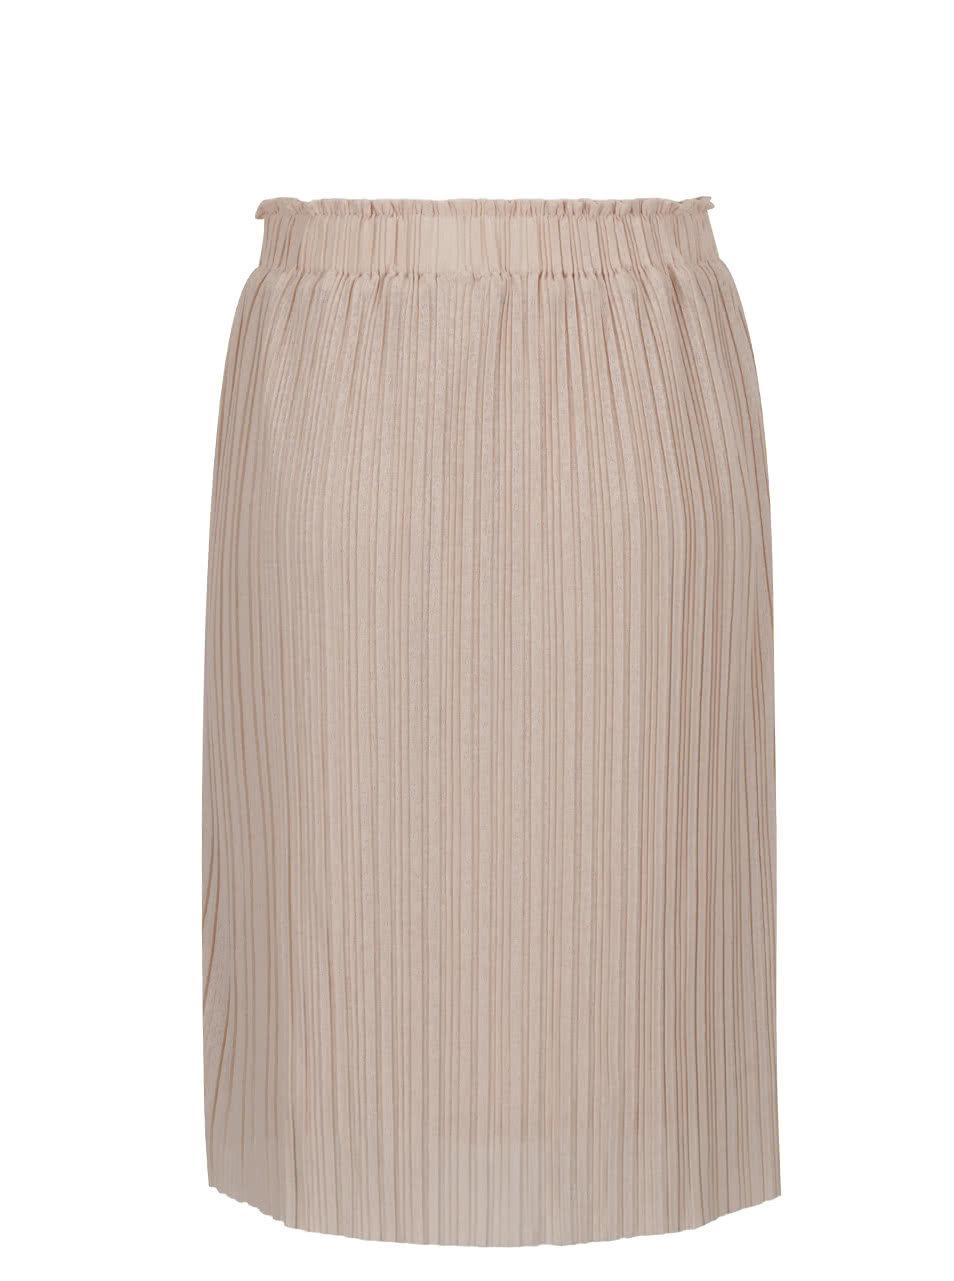 4476bea64023 Béžová plisovaná sukňa VERO MODA Mira ...